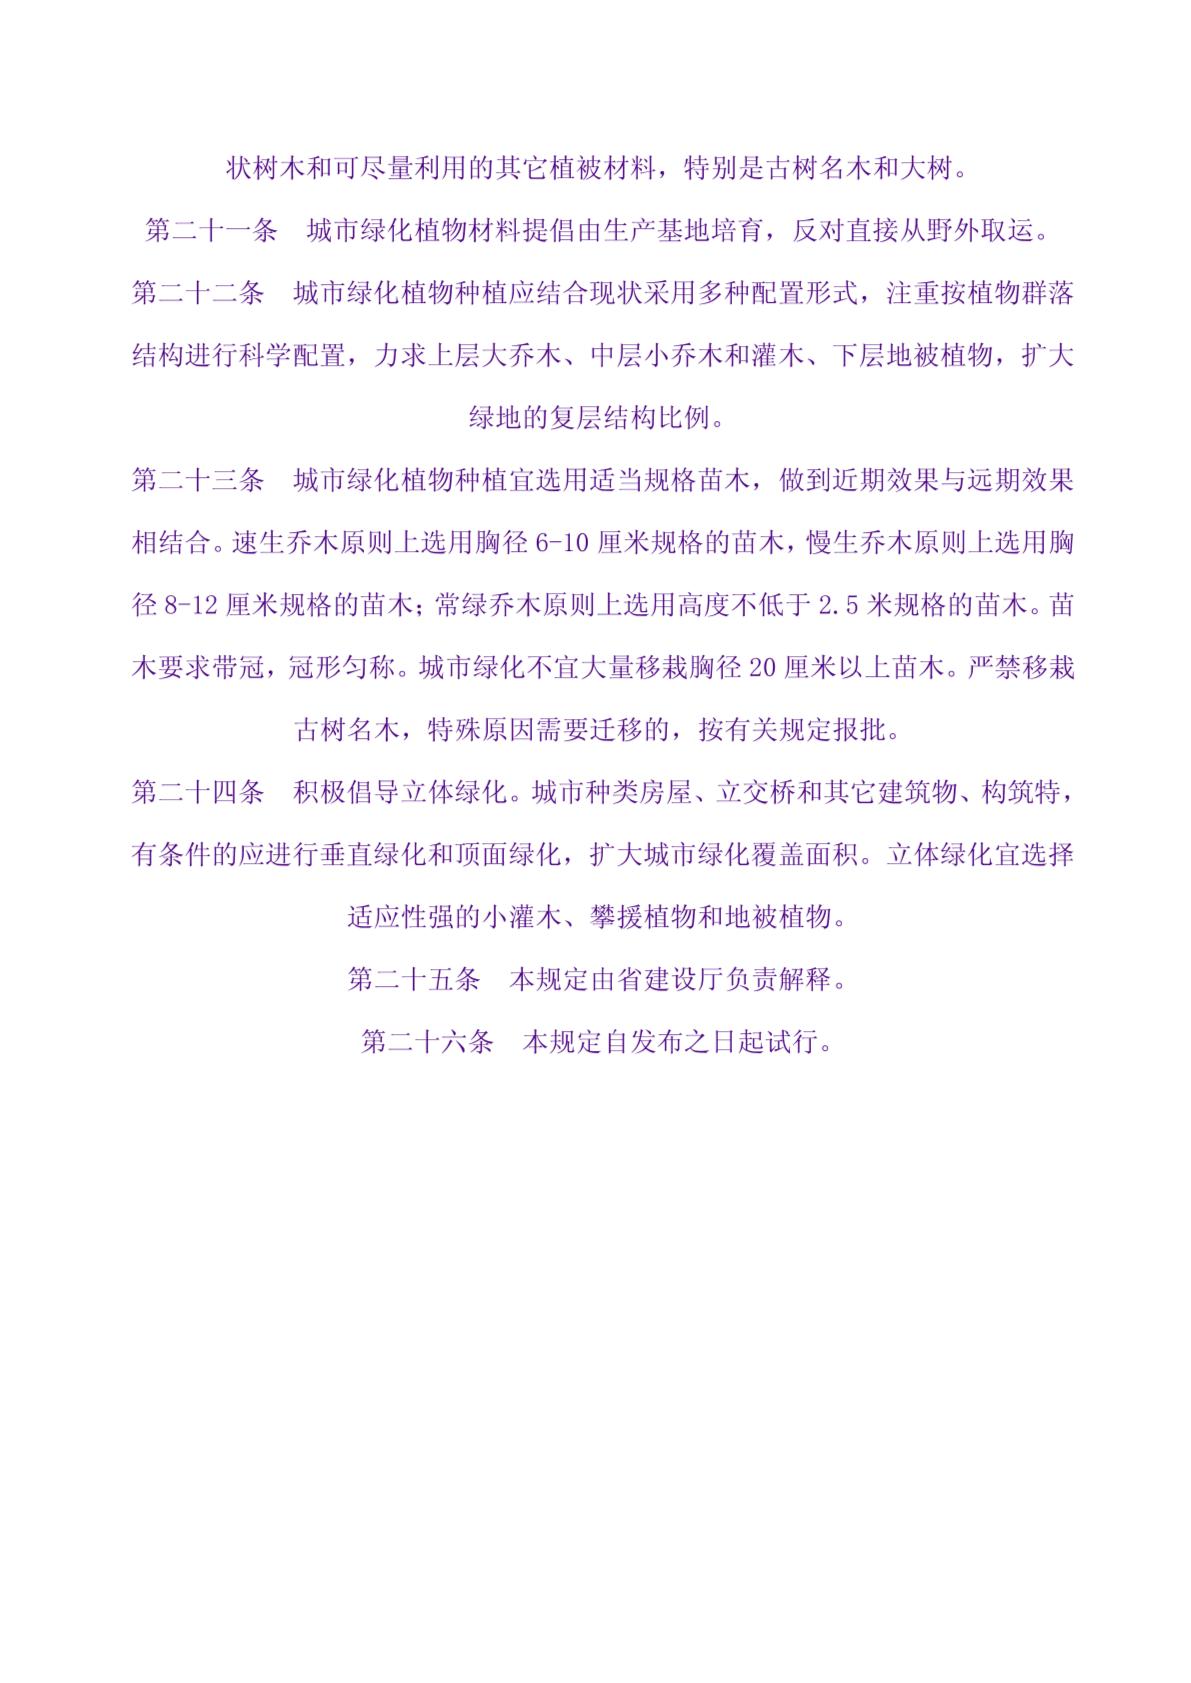 浙江省城市绿地植物配置技术规定图片1